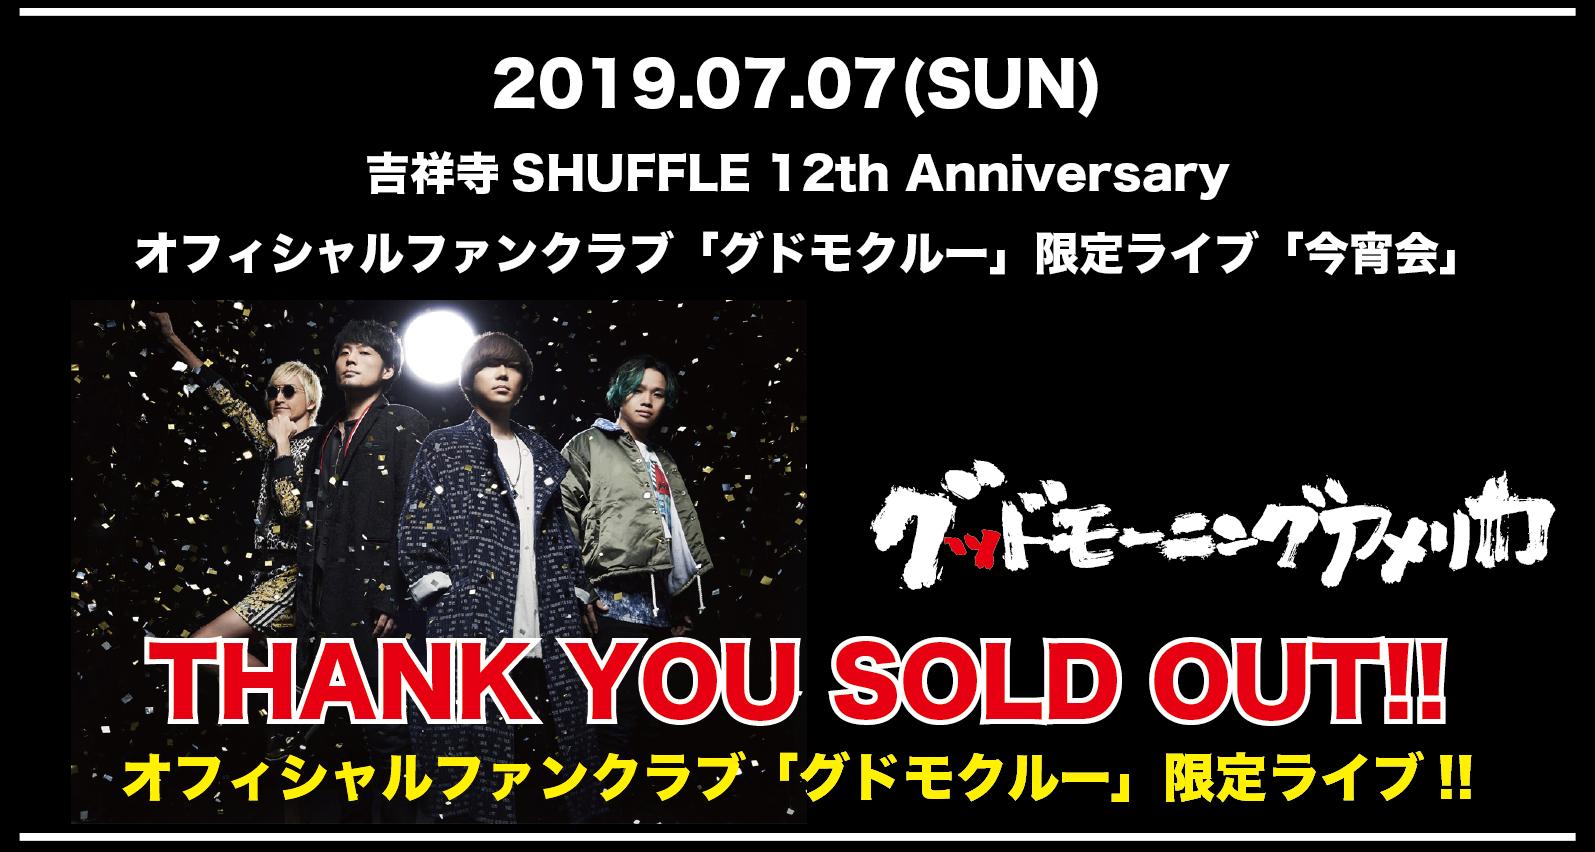 吉祥寺SHUFFLE 12th Anniversary  オフィシャルファンクラブ「グドモクルー」限定ライブ「今宵会」